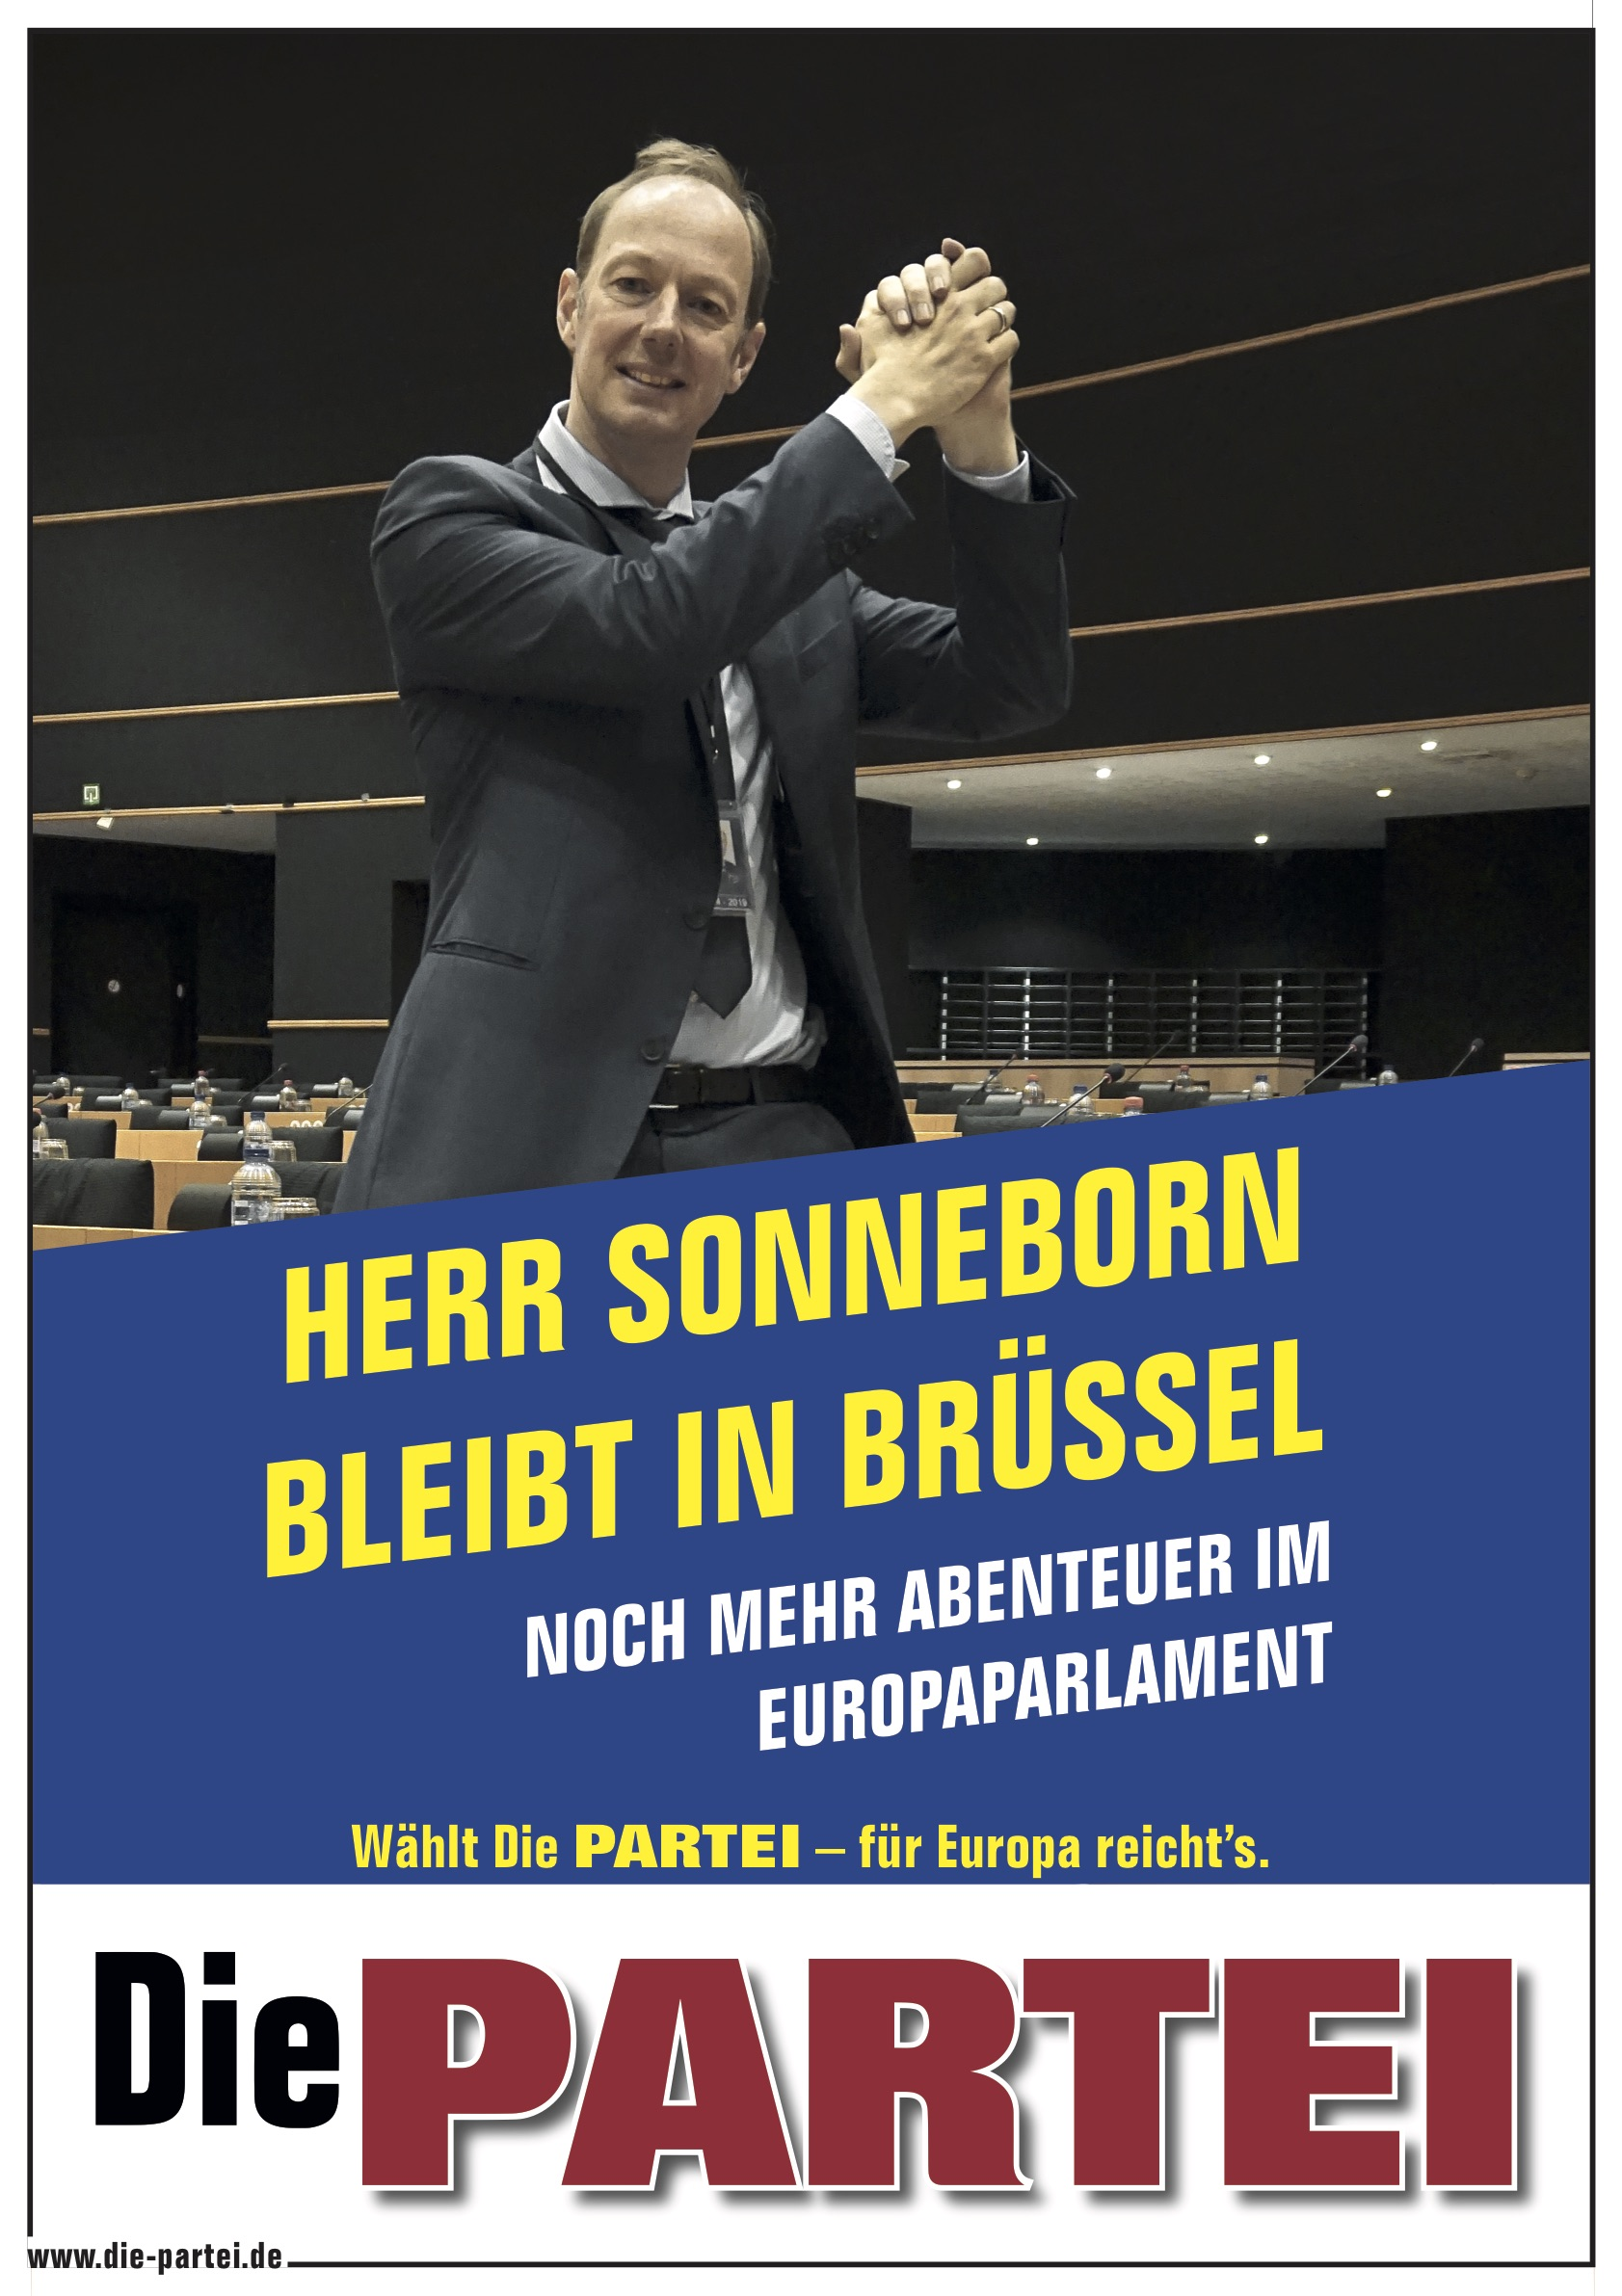 Herr Sonneborn